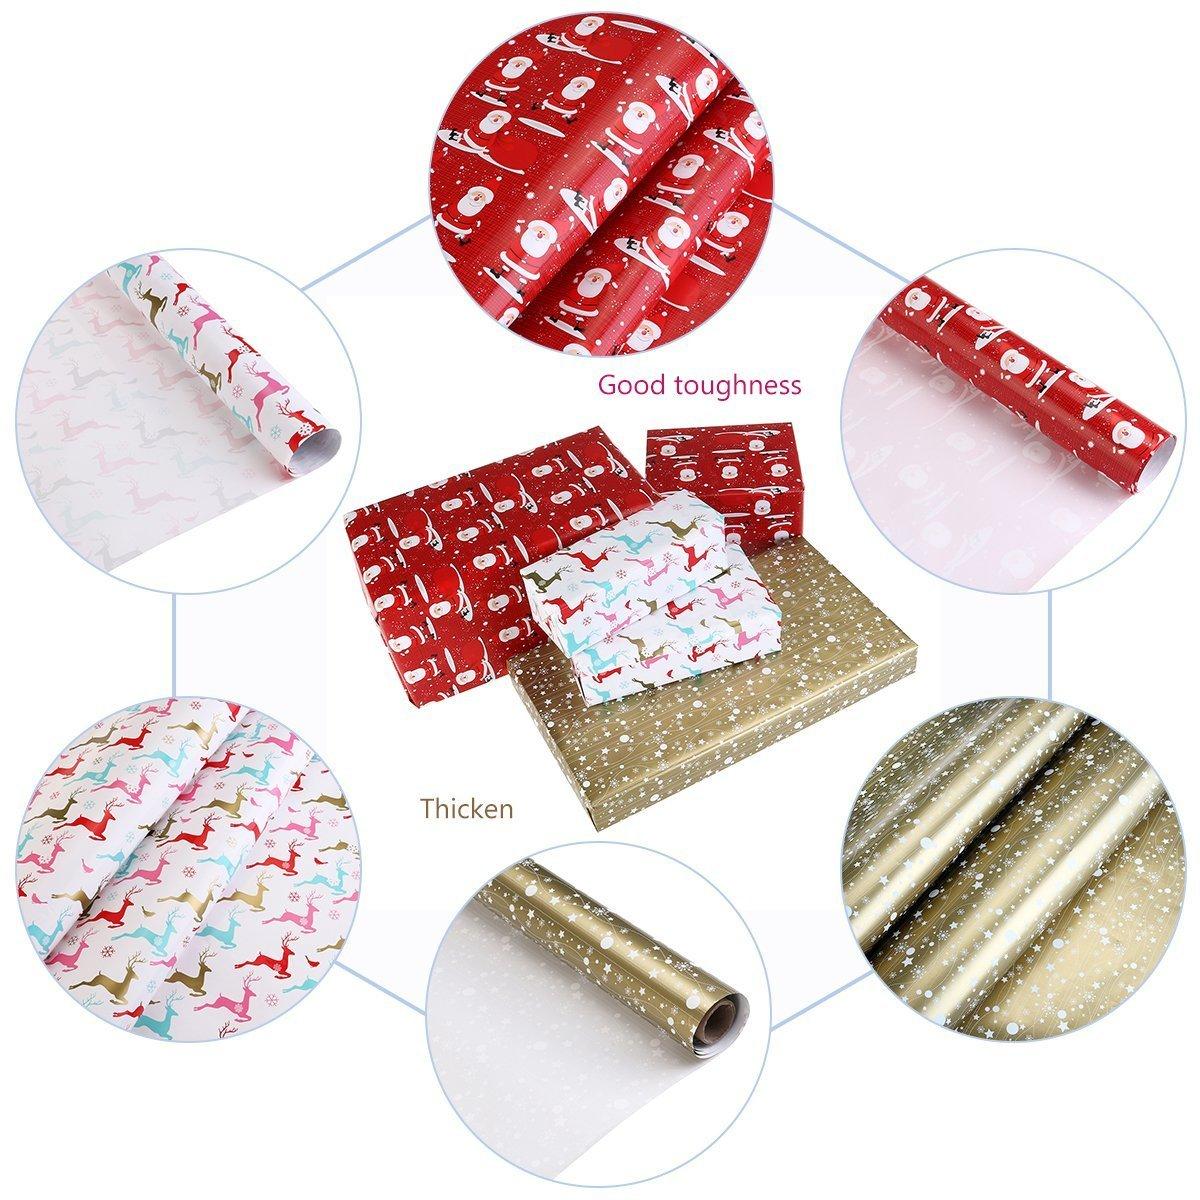 Danigrefinb Lot de 2 filtres de climatisation anti-poussi/ère pour purification de papier Couleur al/éatoire